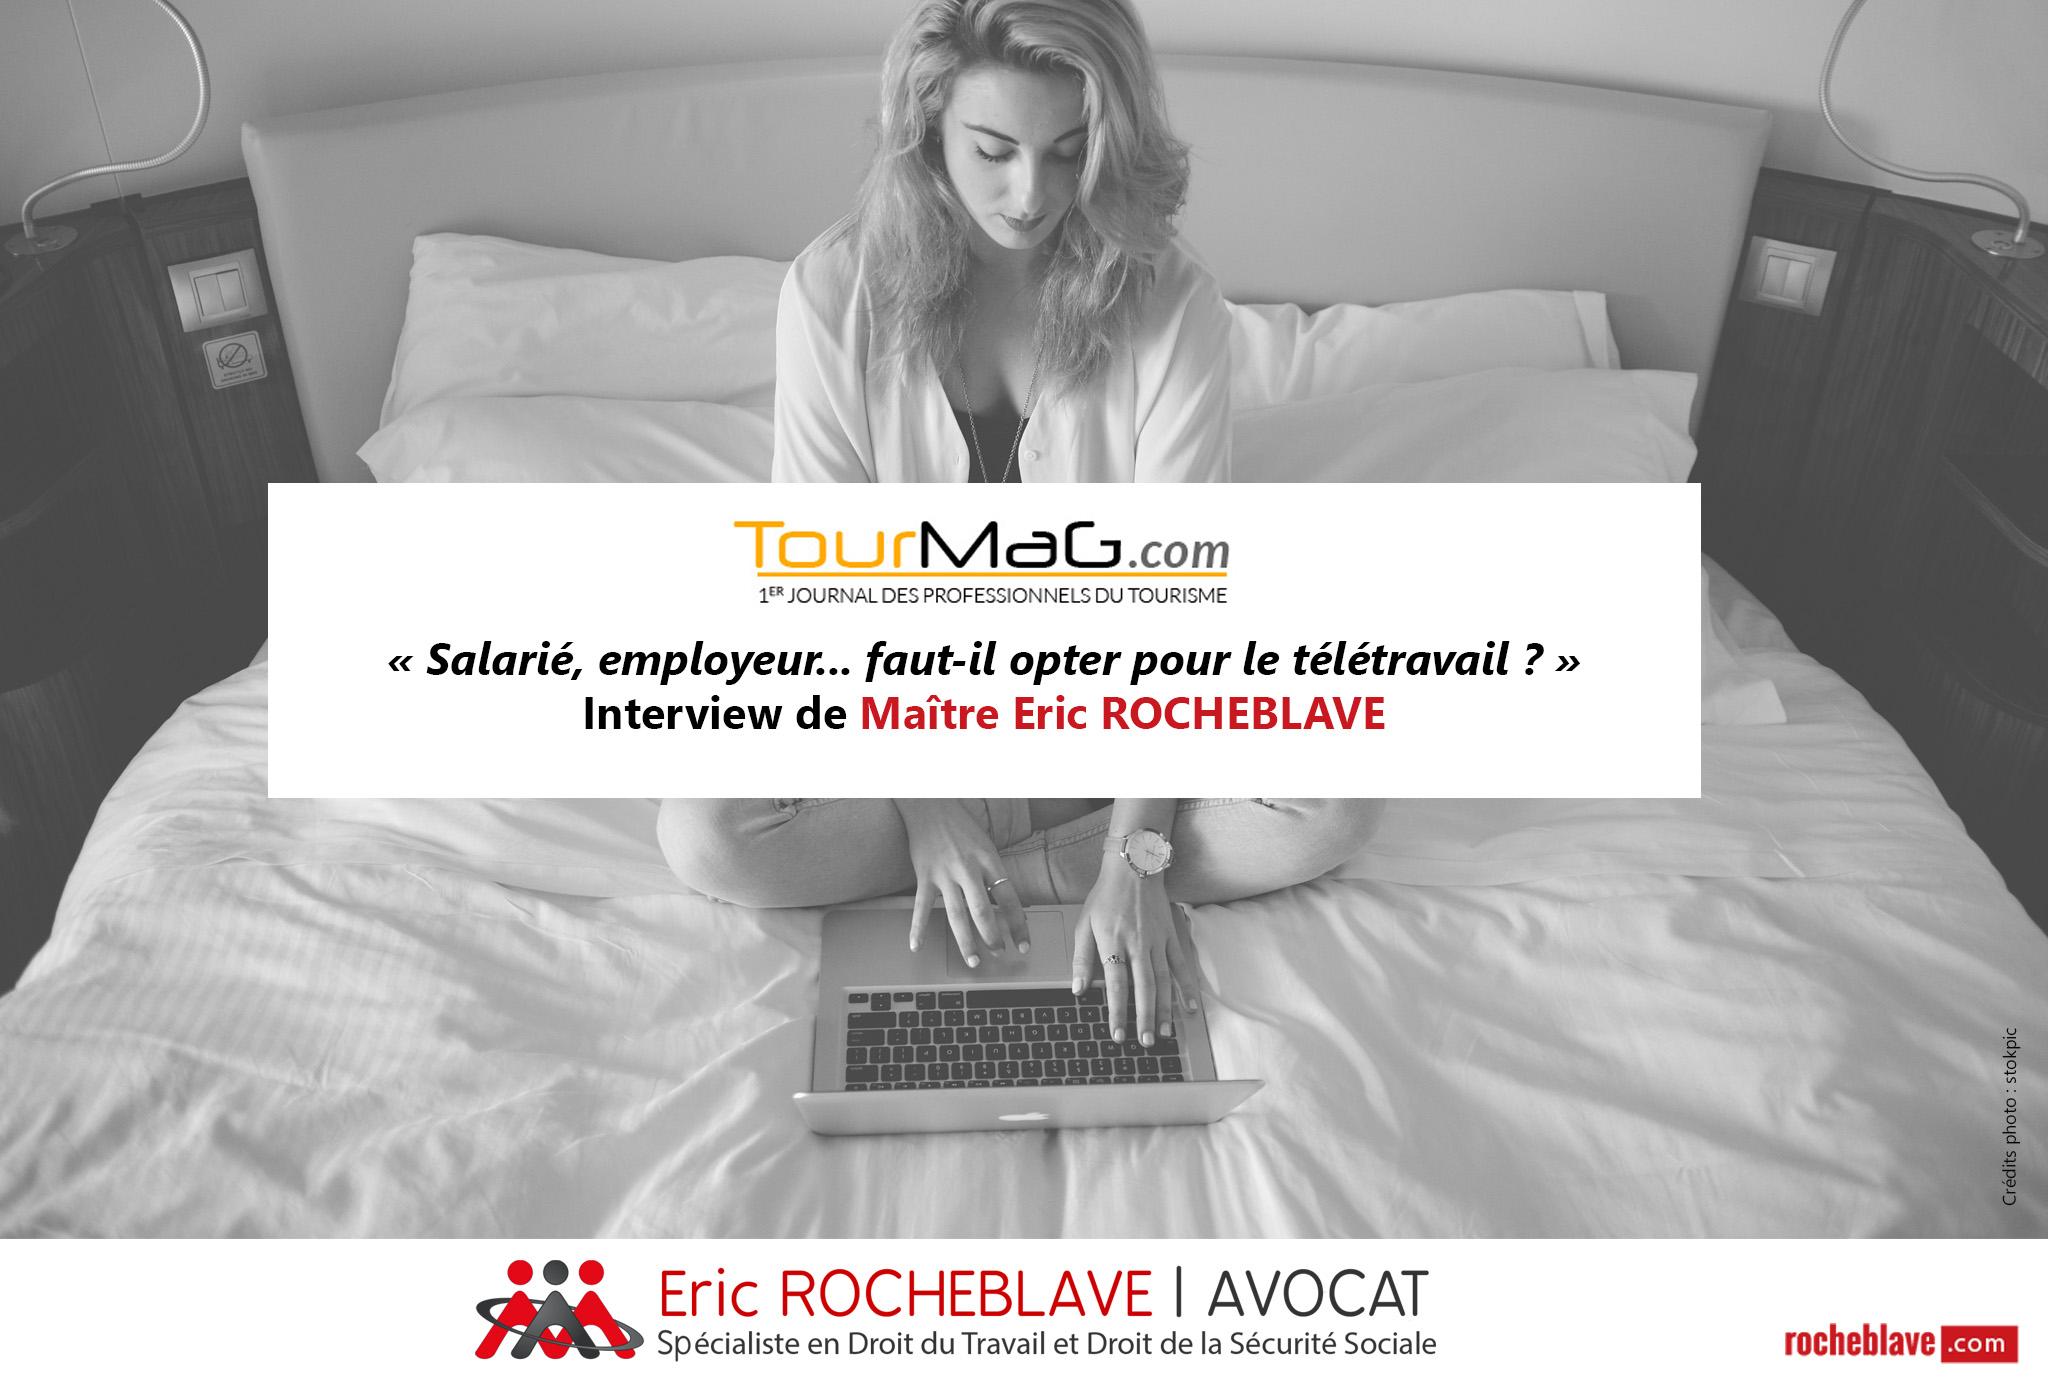 « Salarié, employeur… faut-il opter pour le télétravail ? » Interview de Maître Eric ROCHEBLAVE | TourMag